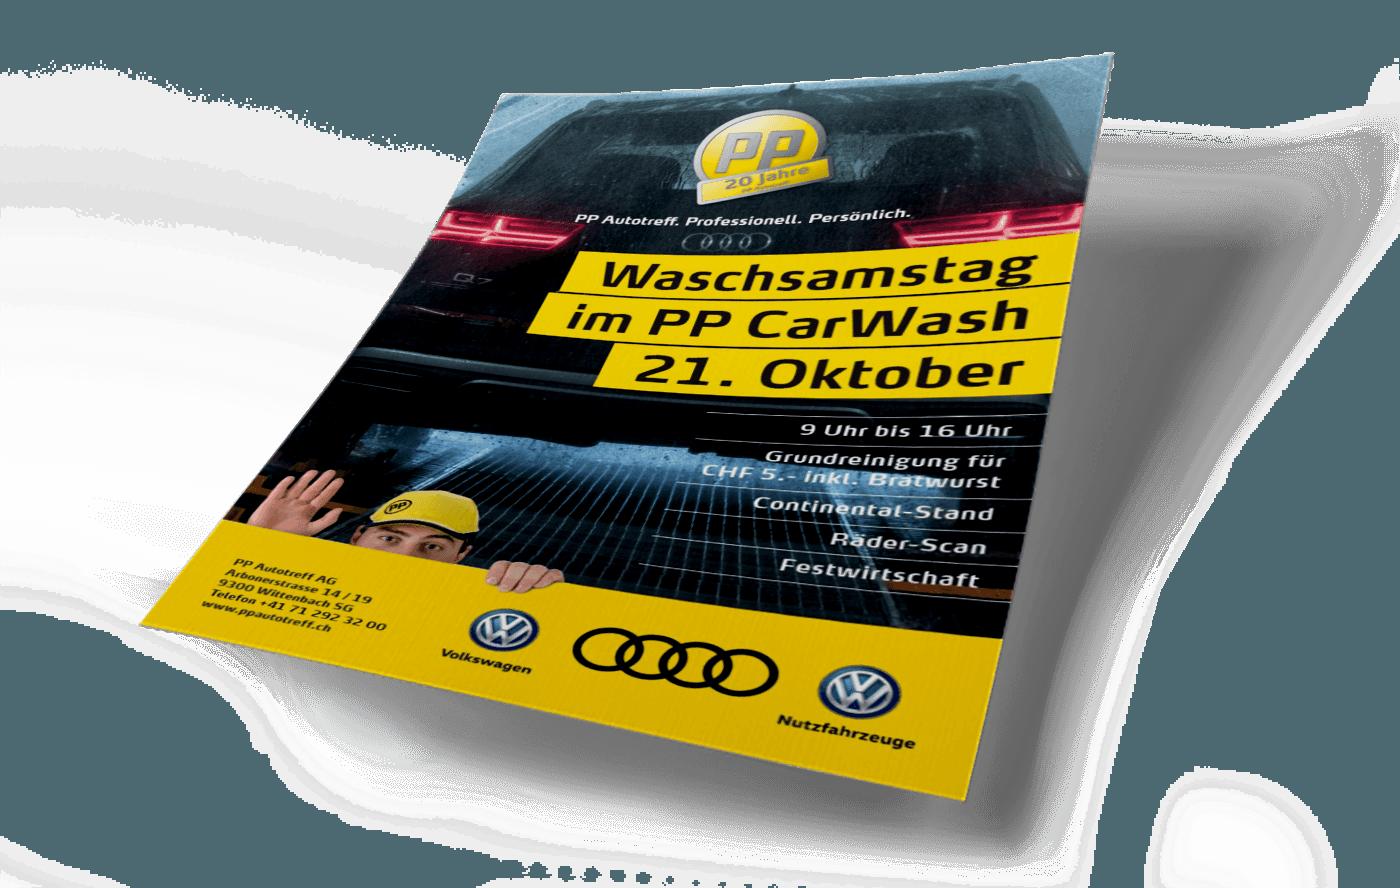 pp autotreff ag bewerbung autowaschsamstag - Continental Bewerbung